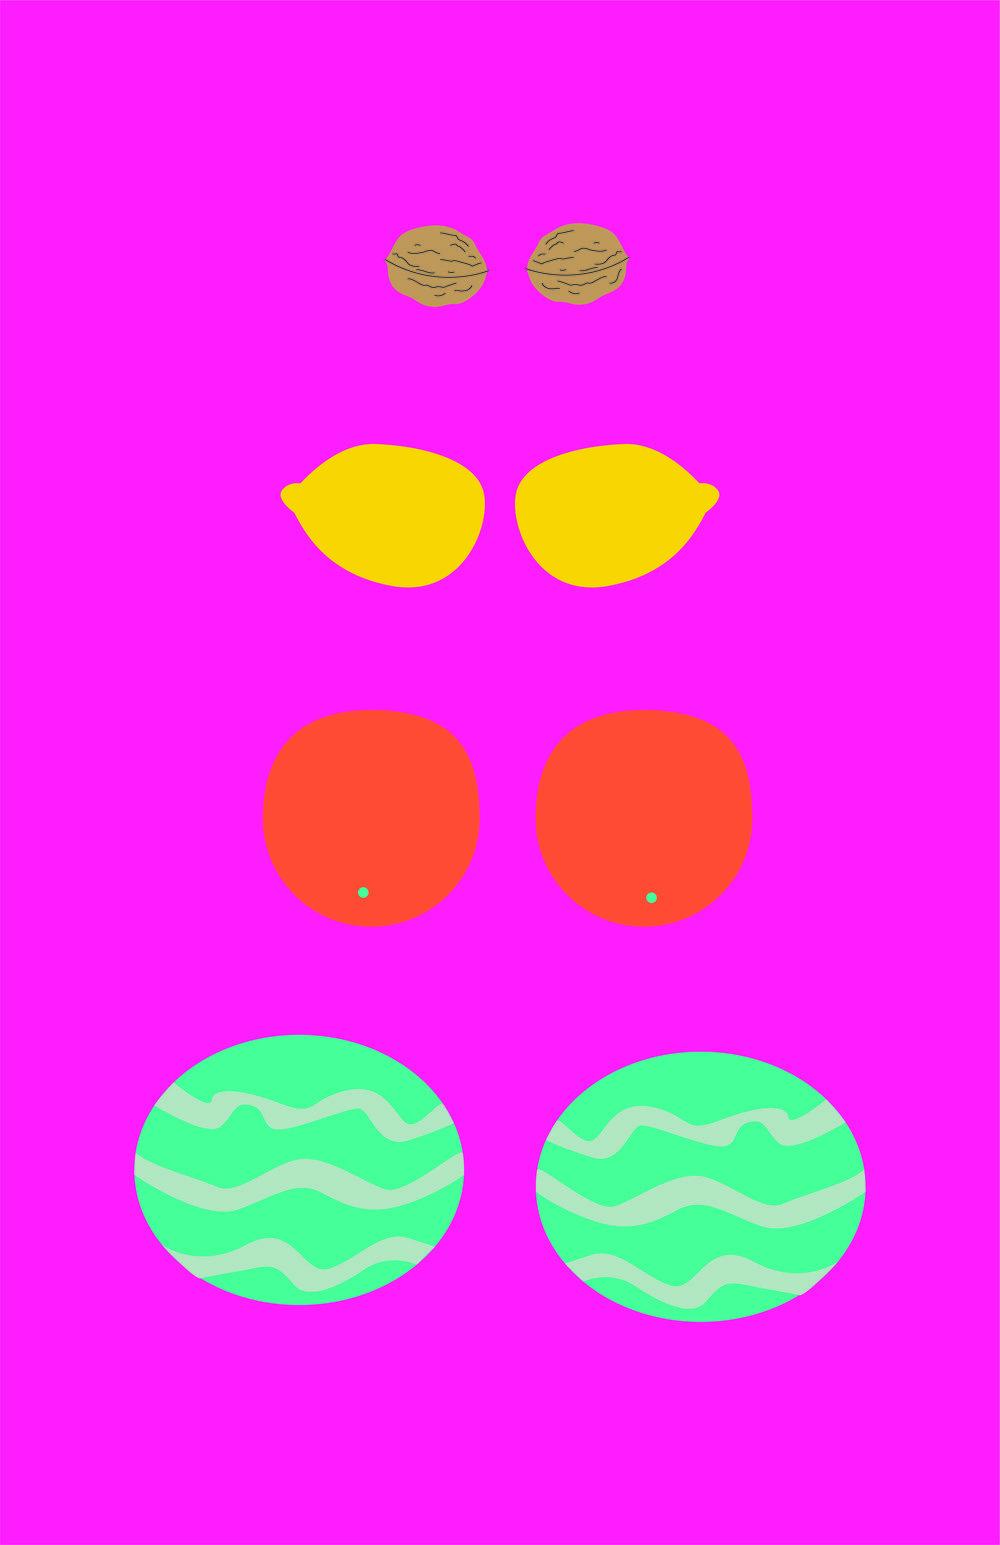 fruit-08-08-08.jpg